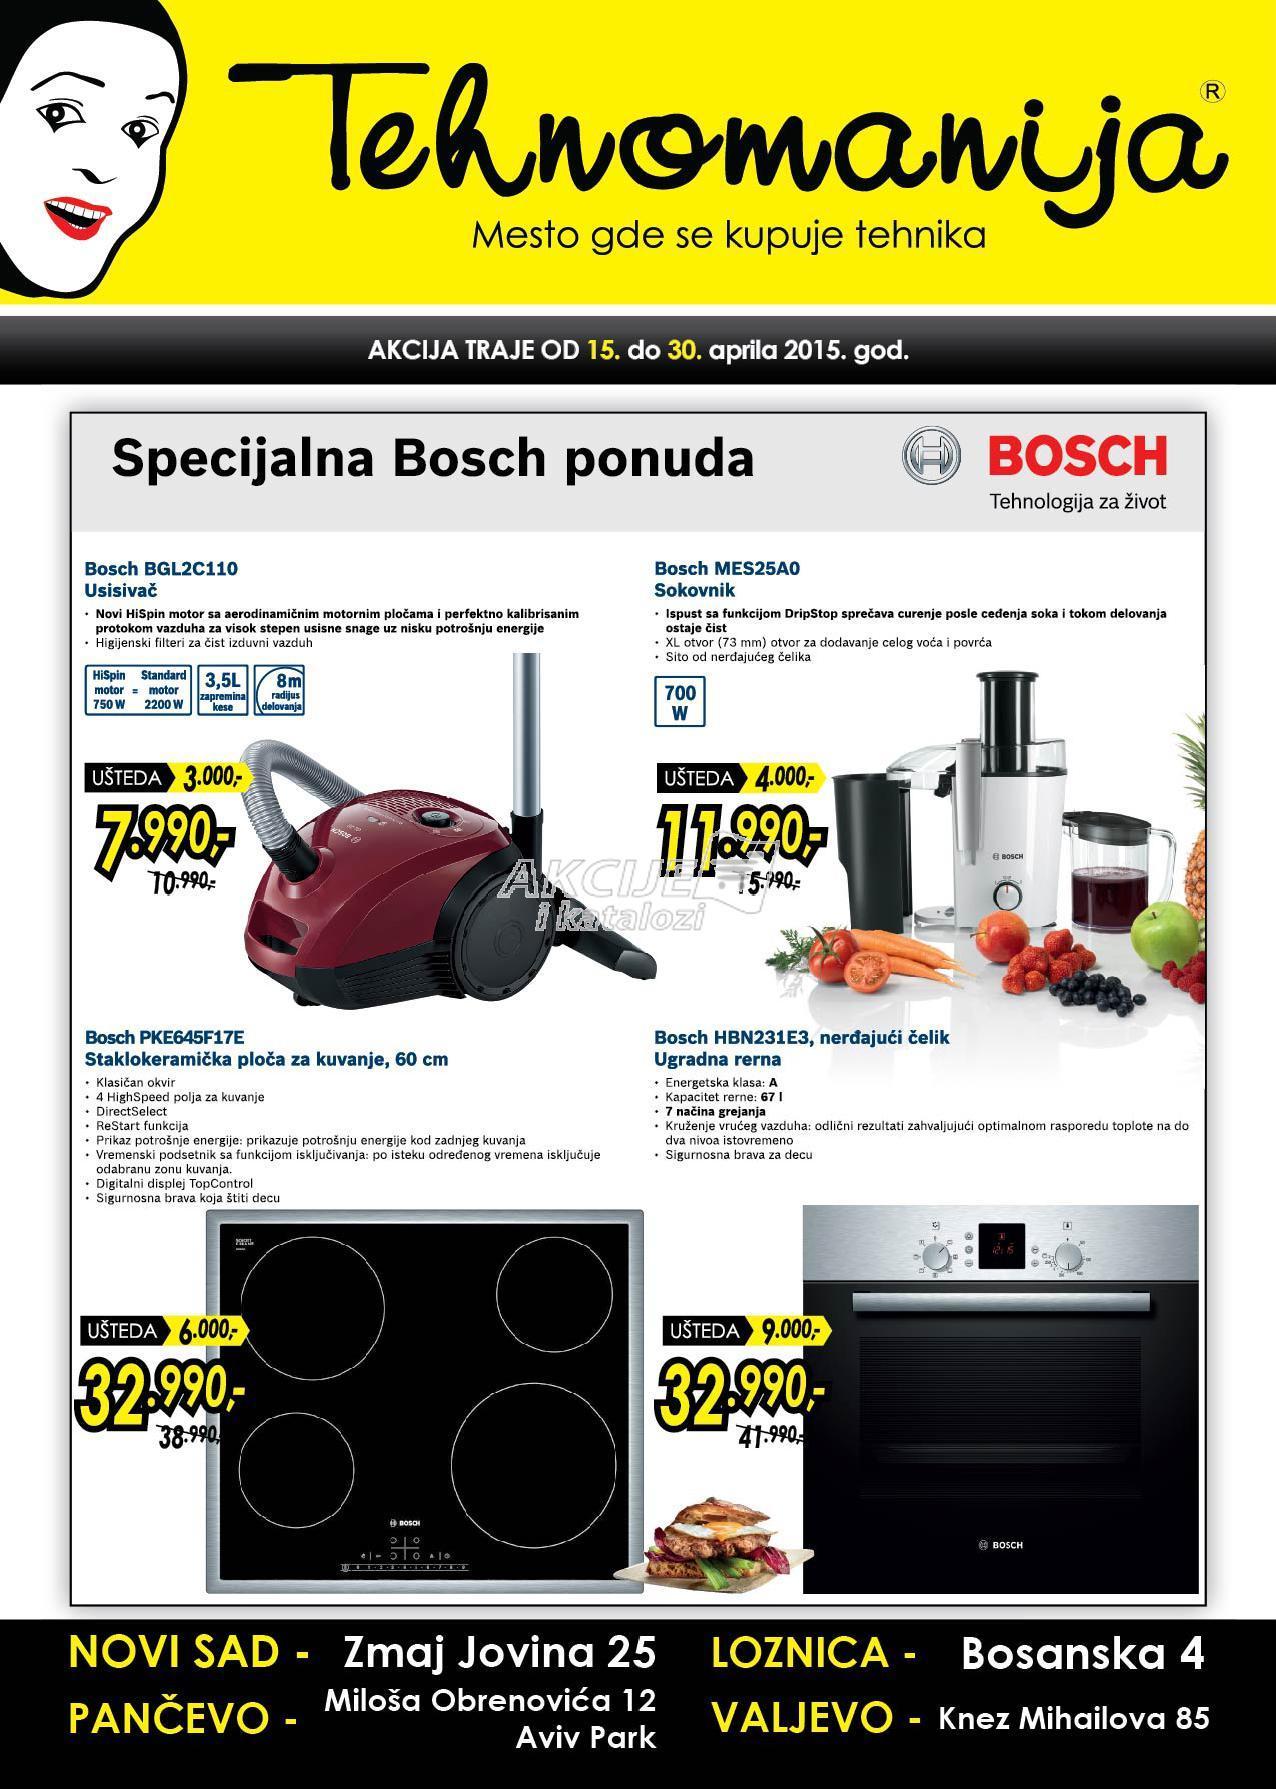 Tehnomanija - Redovna akcija Bosch specijal